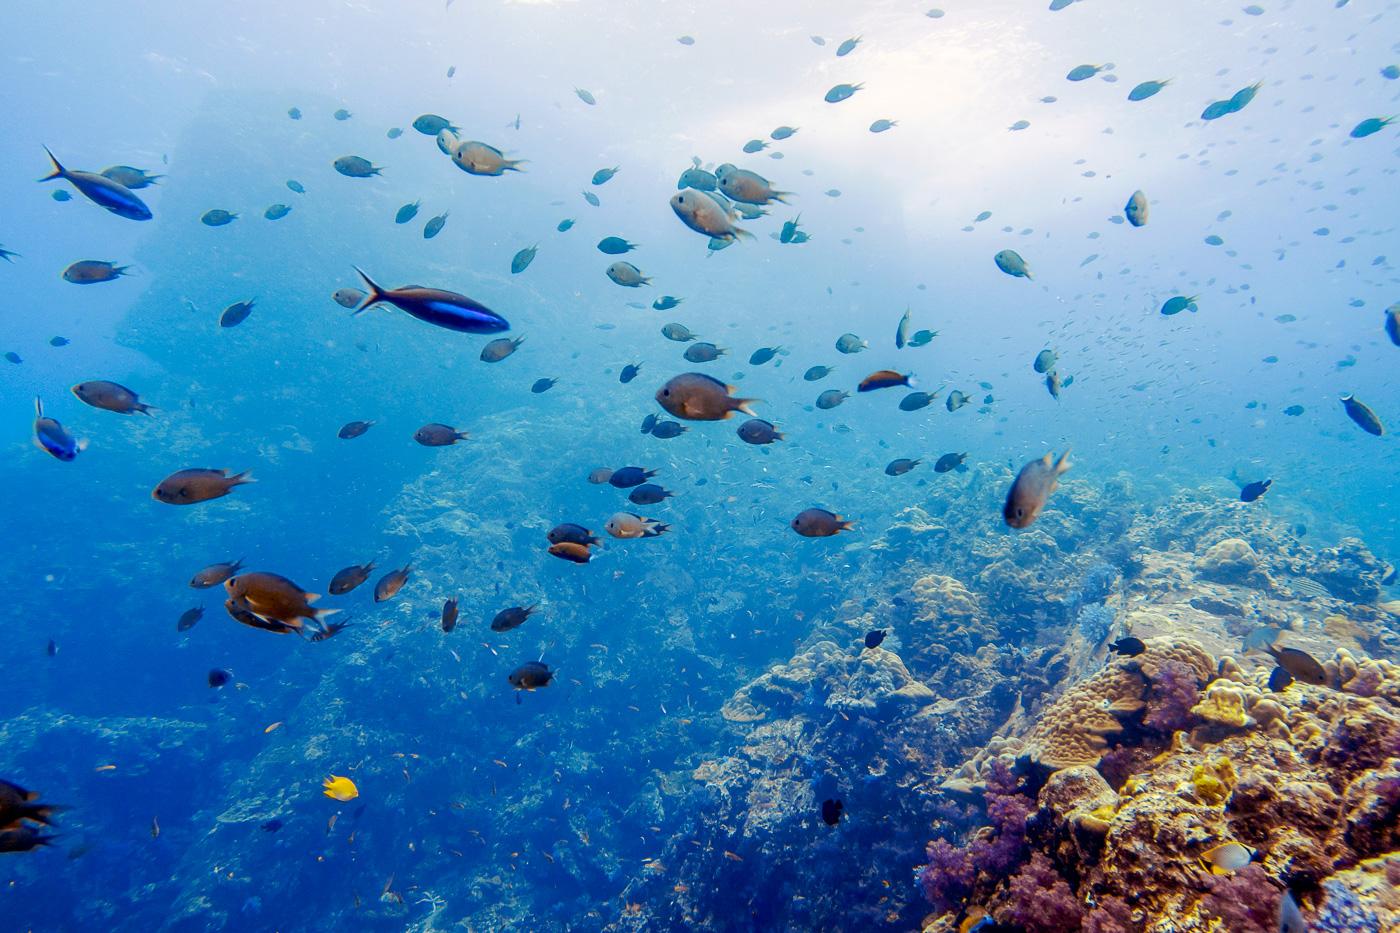 Enjoying fish schooling at Hin Muang in the Andaman Sea diving